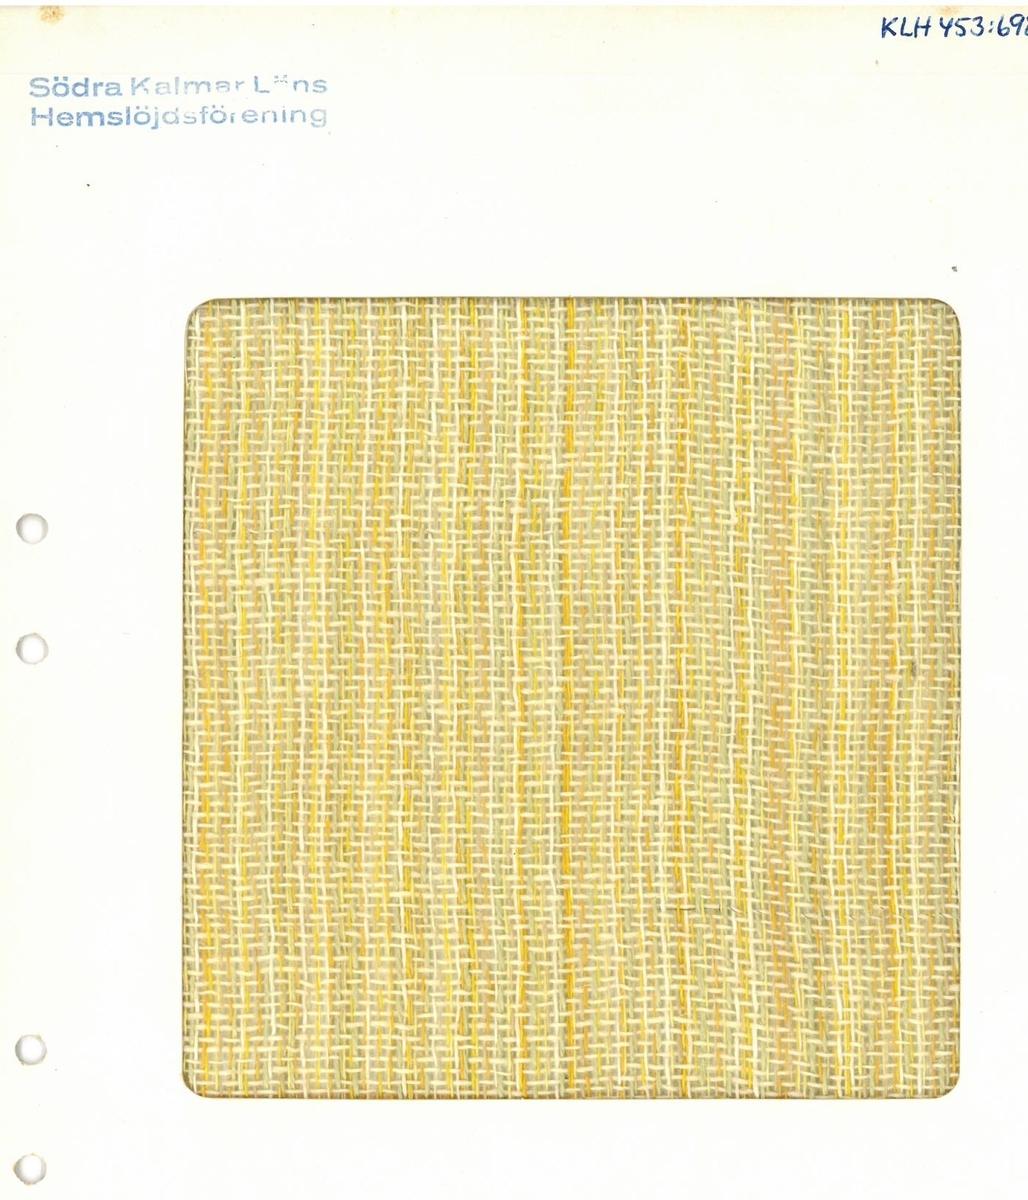 """Pärm med vävprover till gardiner. Gardin """"Vendela"""" gul Formgivare: Kerstin Butler 1961-1969"""